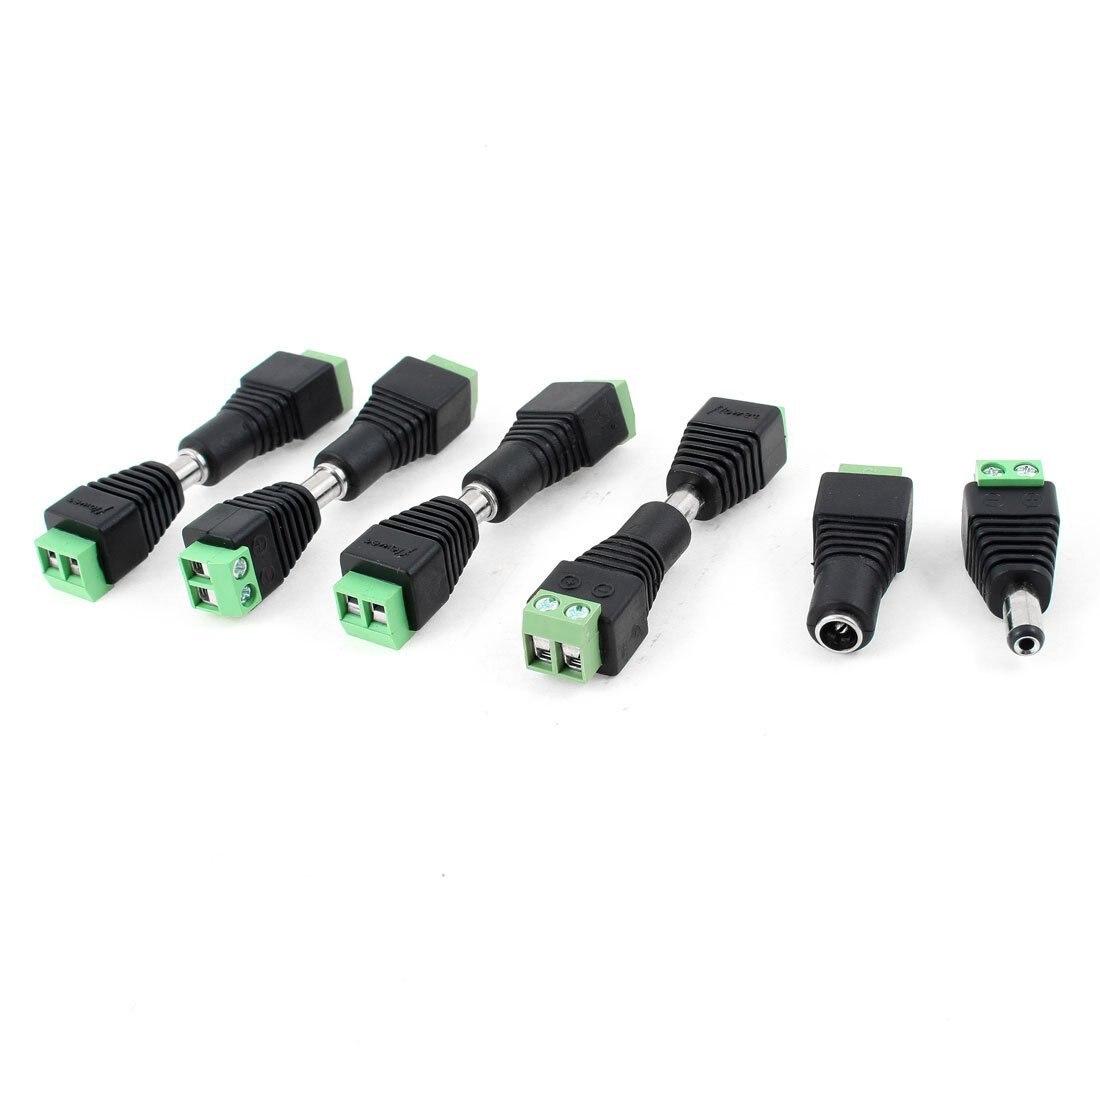 IMC Горячая 10 шт. камеры видеонаблюдения 2,1 мм x 5,5 мм Женский Мужской DC мощность Plug адаптер